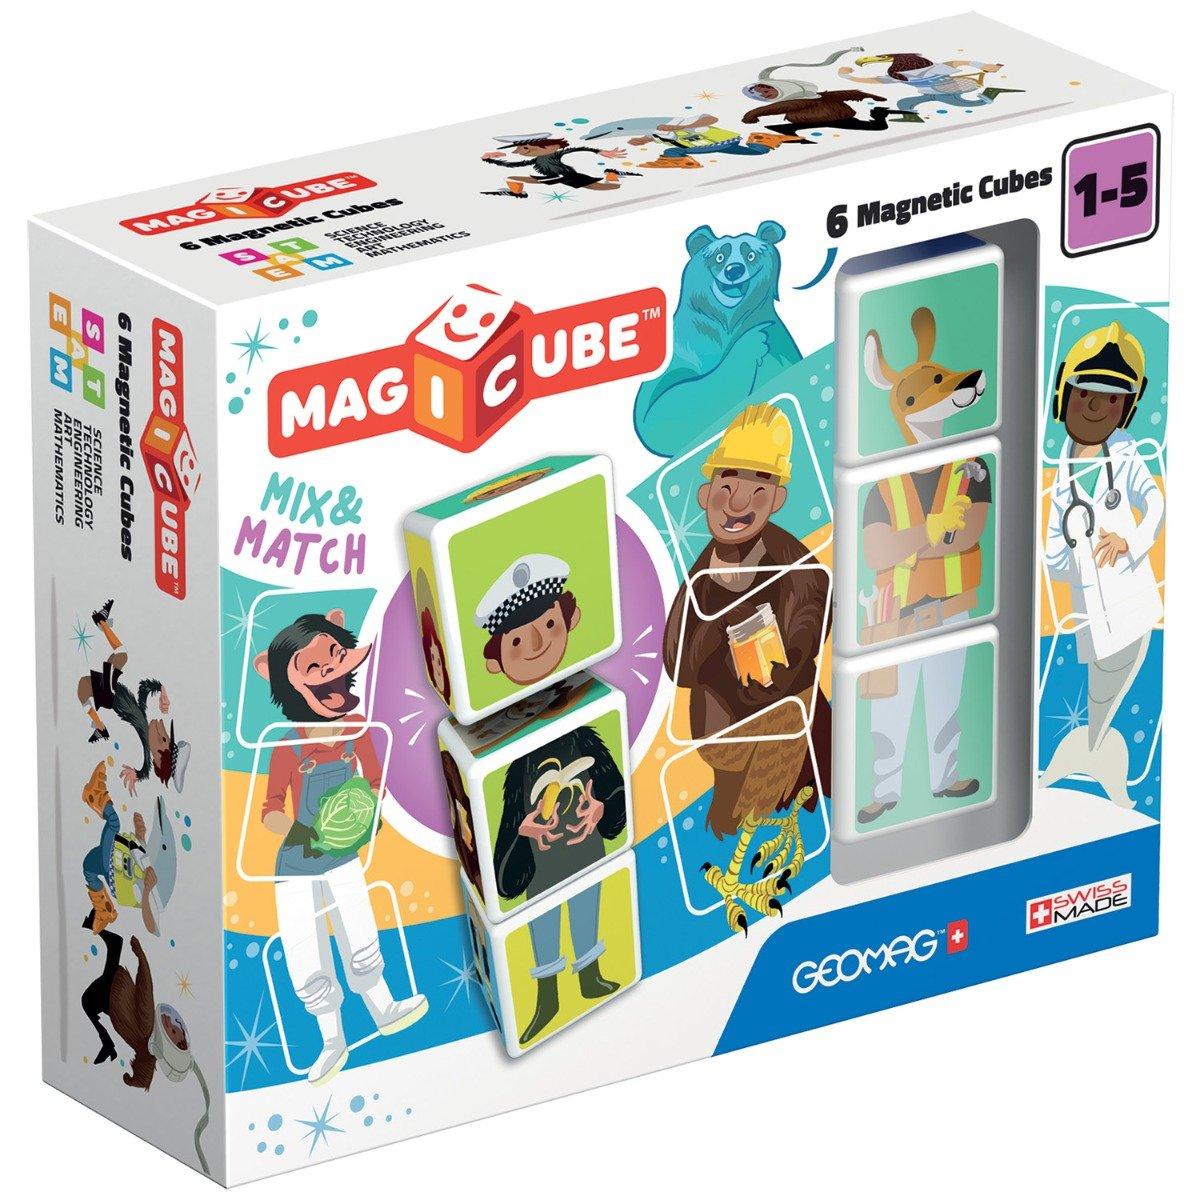 Set de constructie magnetic Magic Cube Match, 6 piese